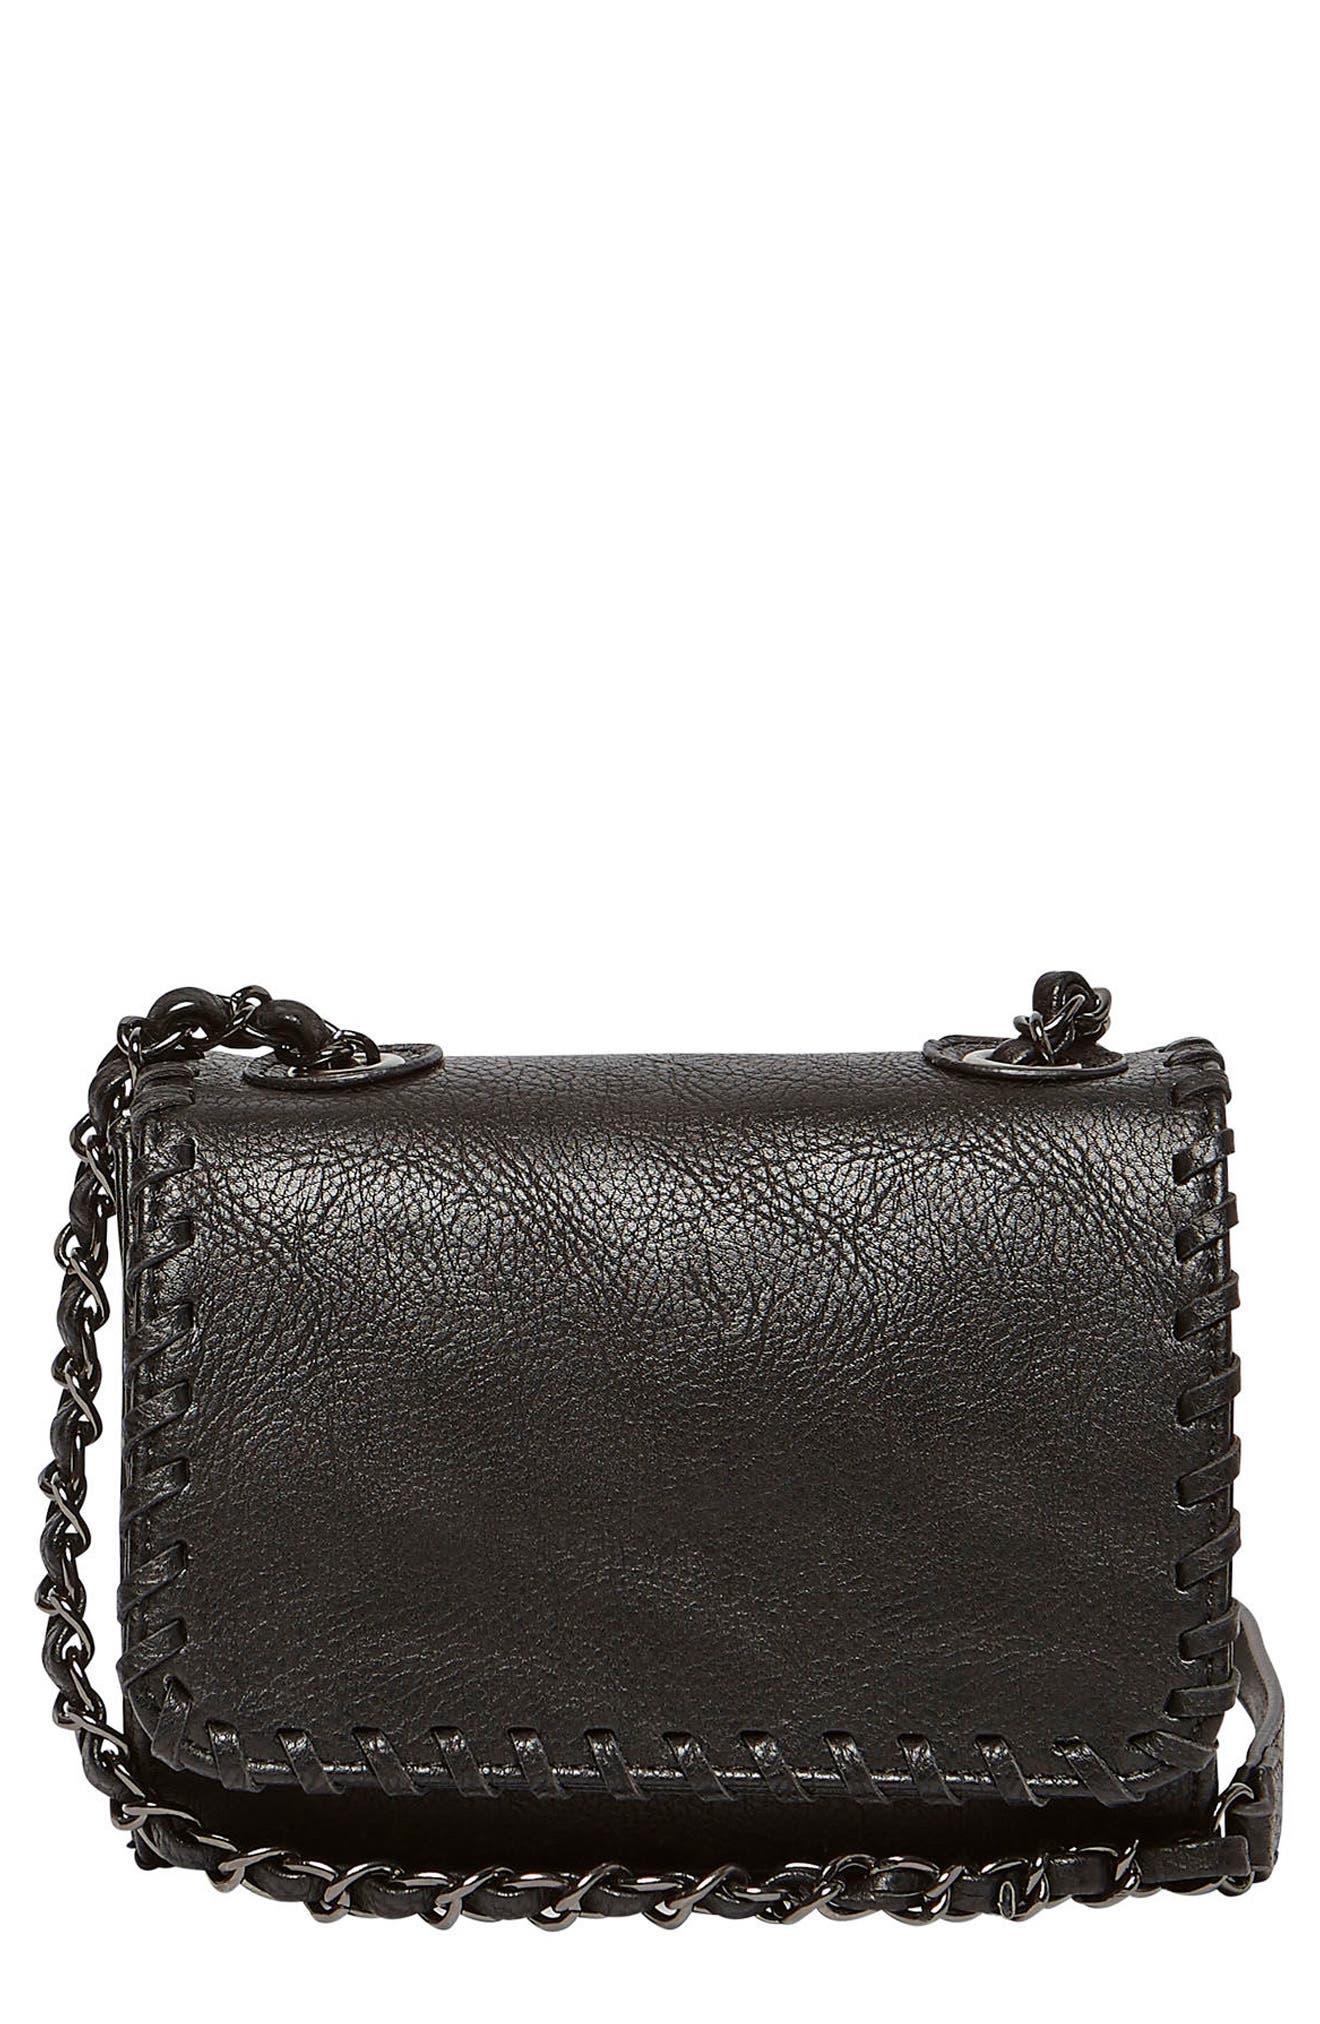 Loveliness Vegan Leather Shoulder Bag,                         Main,                         color, 001